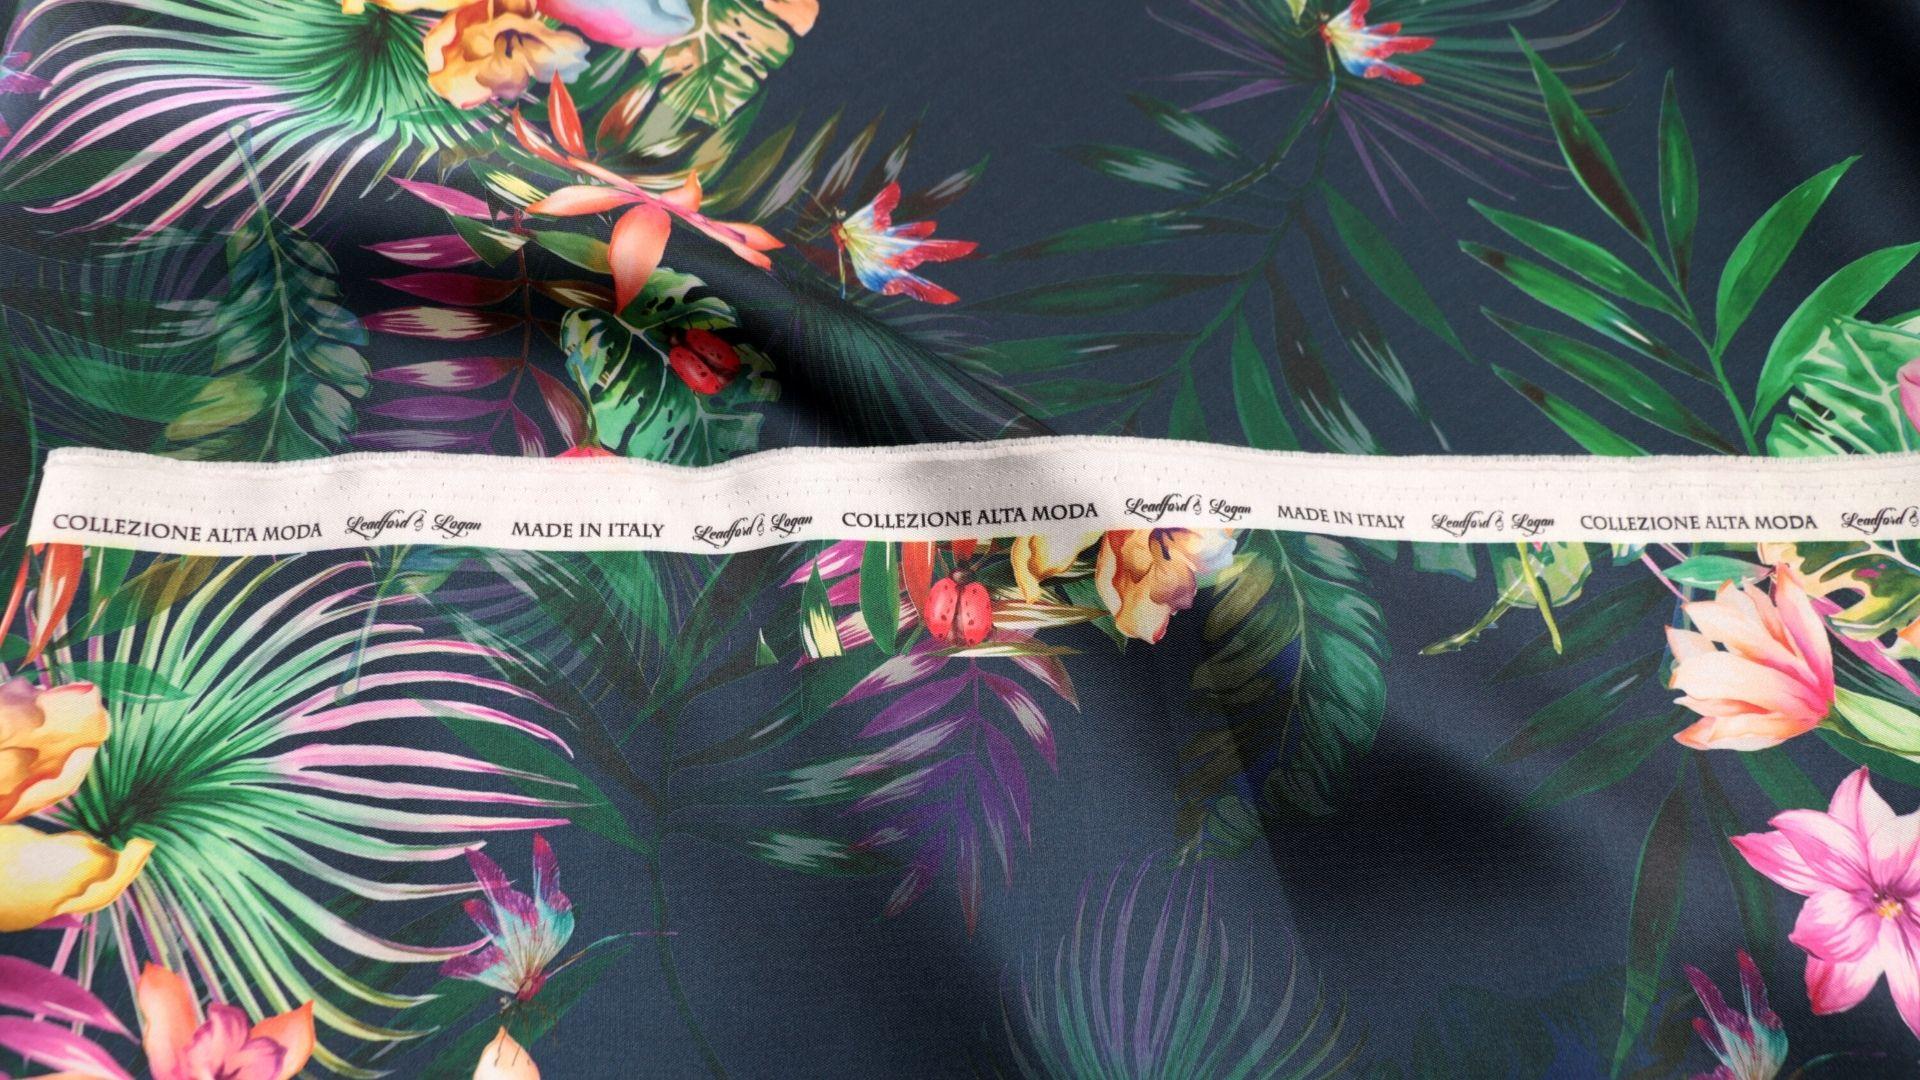 il particolare del tessuto valencian disegno 837, appartenente alla categoria stampe-poliestere-fibremiste, di Leadford & Logan